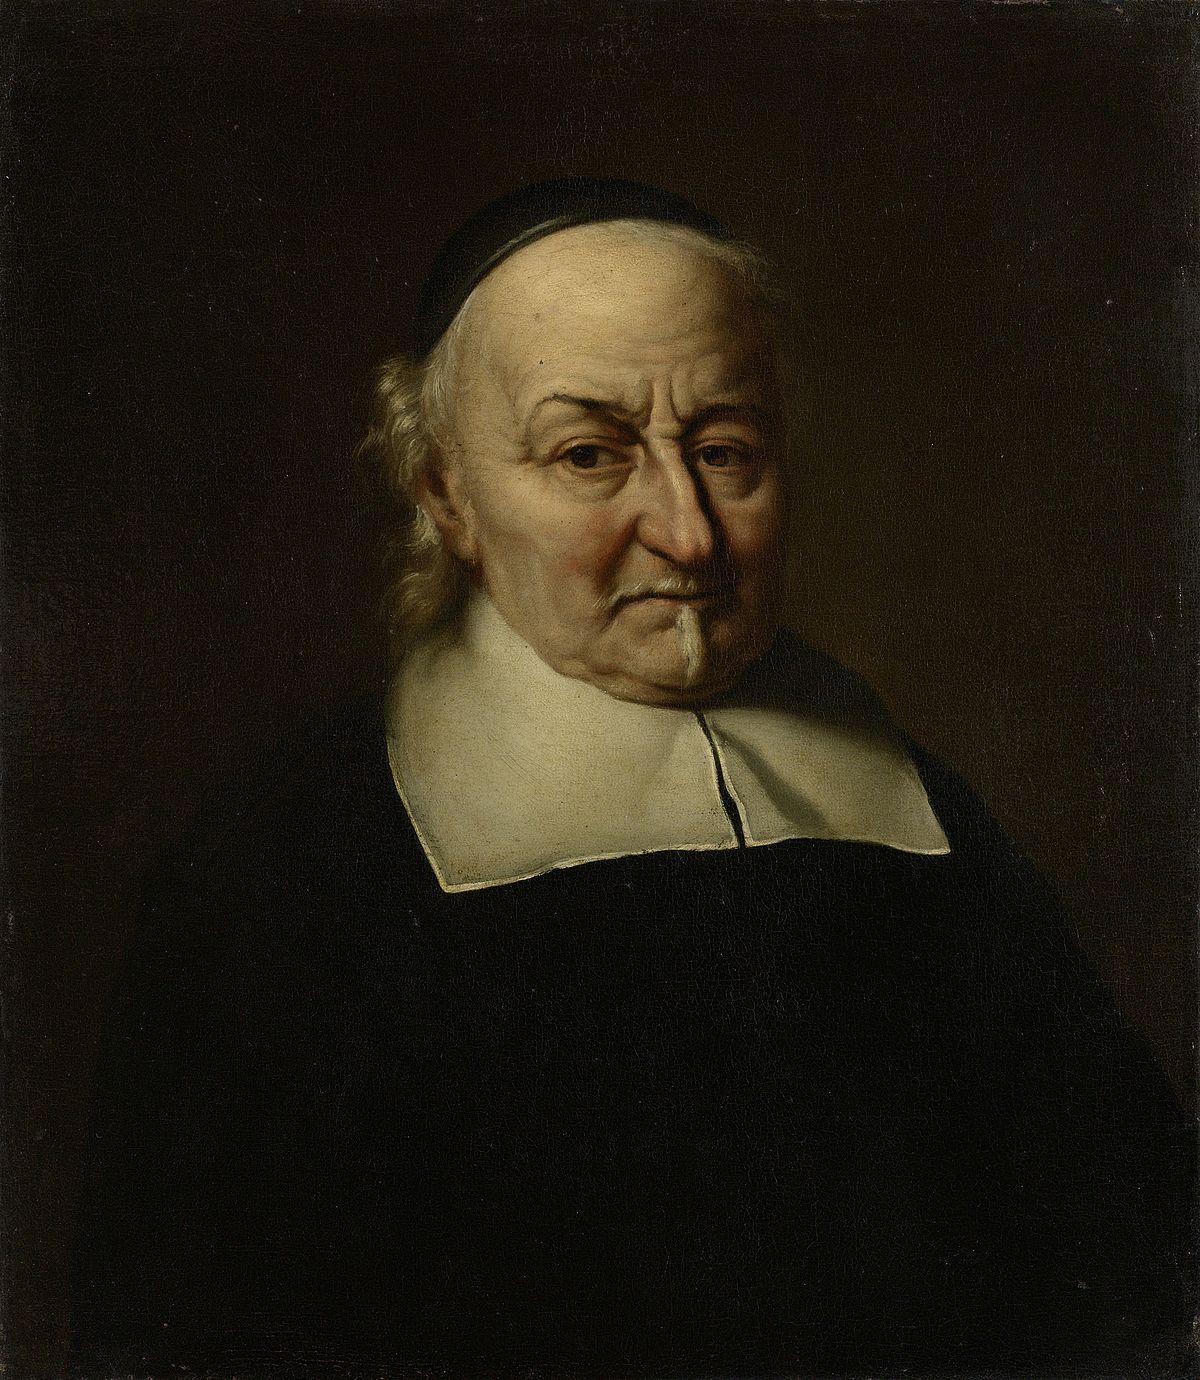 Joost Van Den Vondel 1587 1679 Poet Wikidata